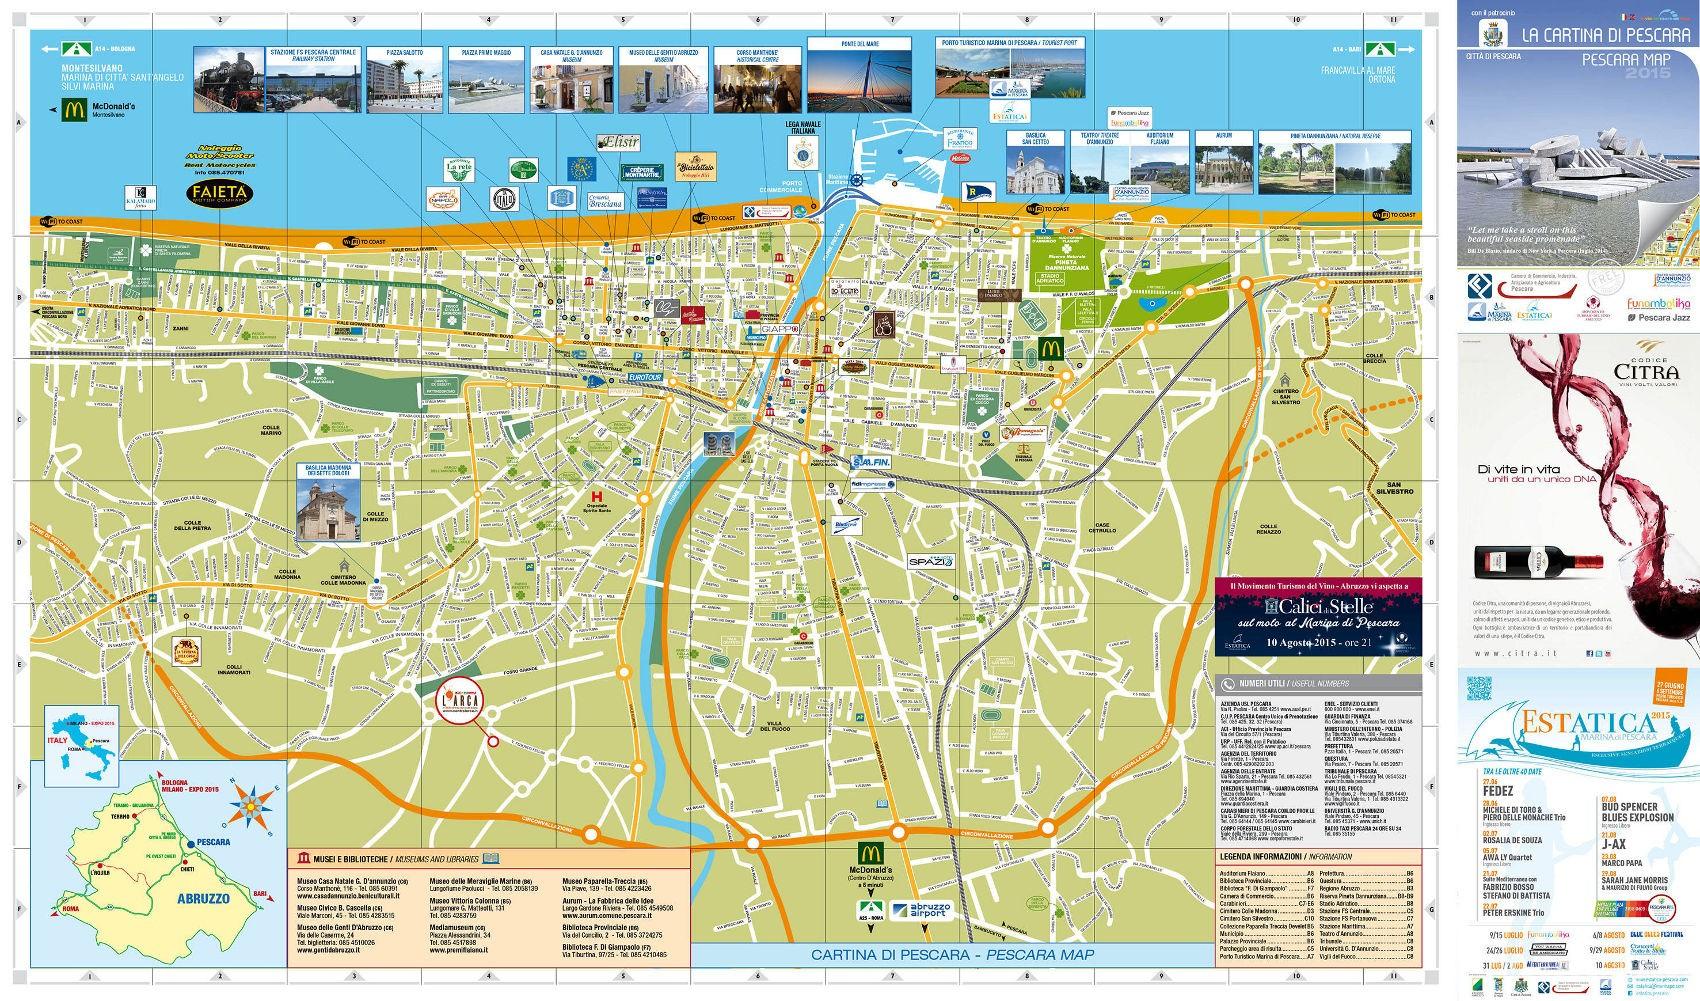 Cartina Dettagliata Abruzzo.Nuova Cartina Di Pescara Gratis 25mila Copie Ecco Dove Trovarla Pescarapost